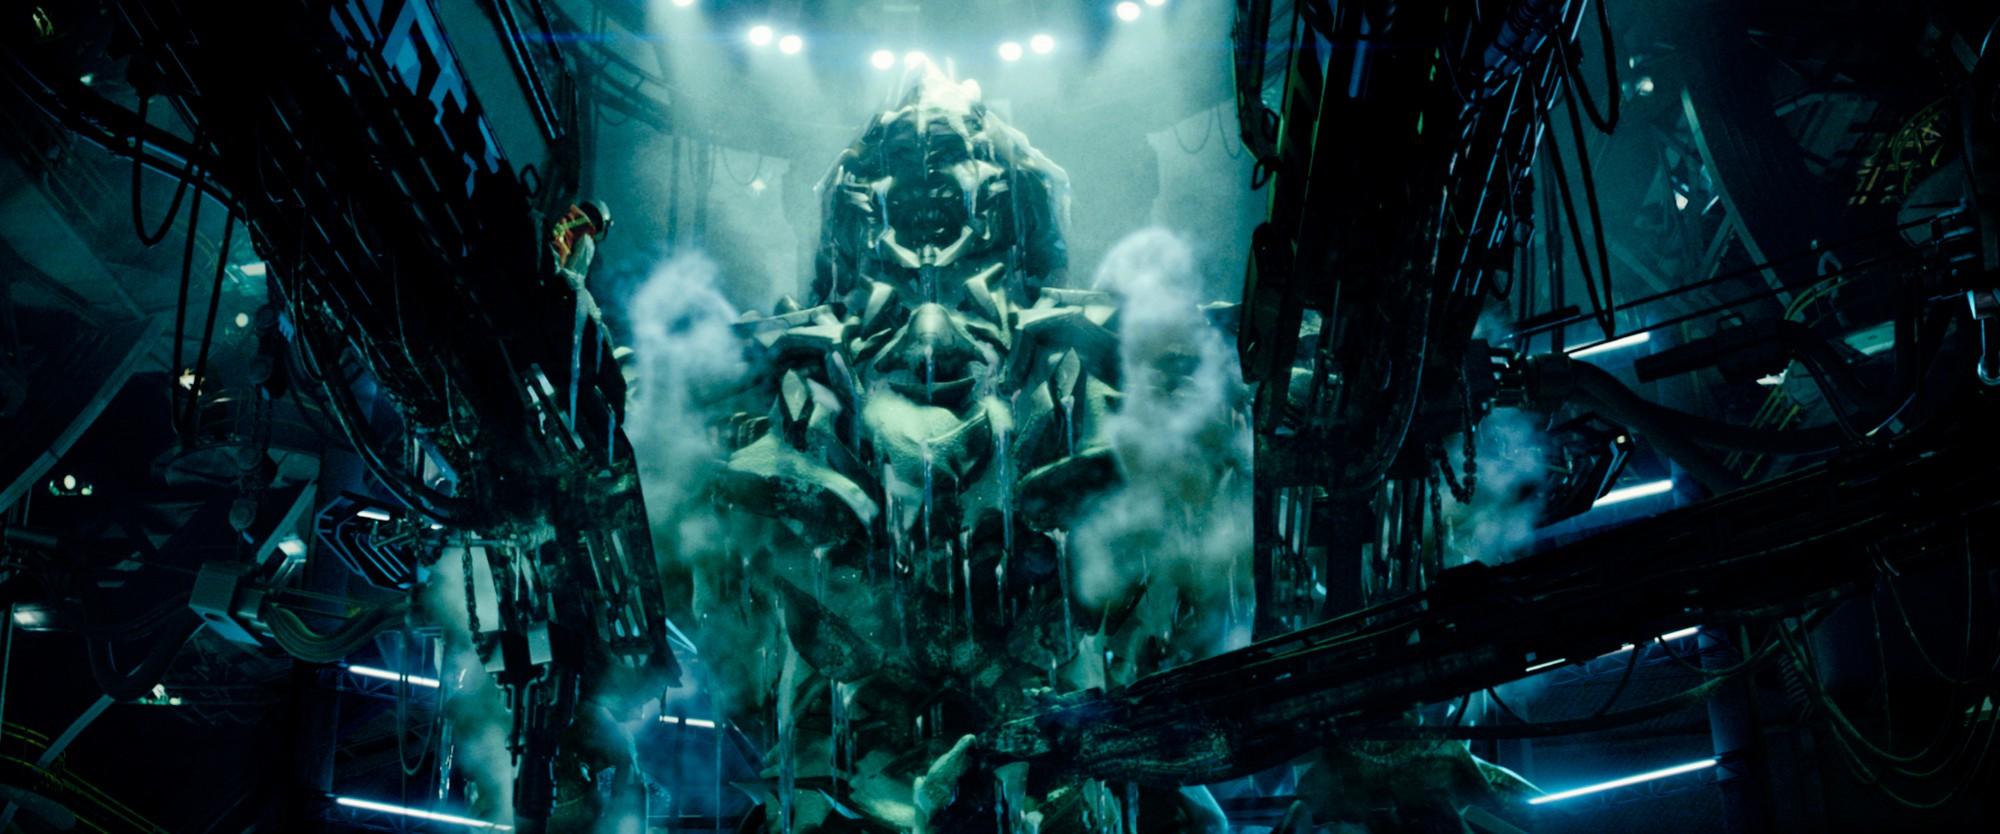 Giải mã dòng thời gian rắc rối của loạt Transformers, từ giờ yên tâm xem phim không sợ hoang mang nữa - Ảnh 3.